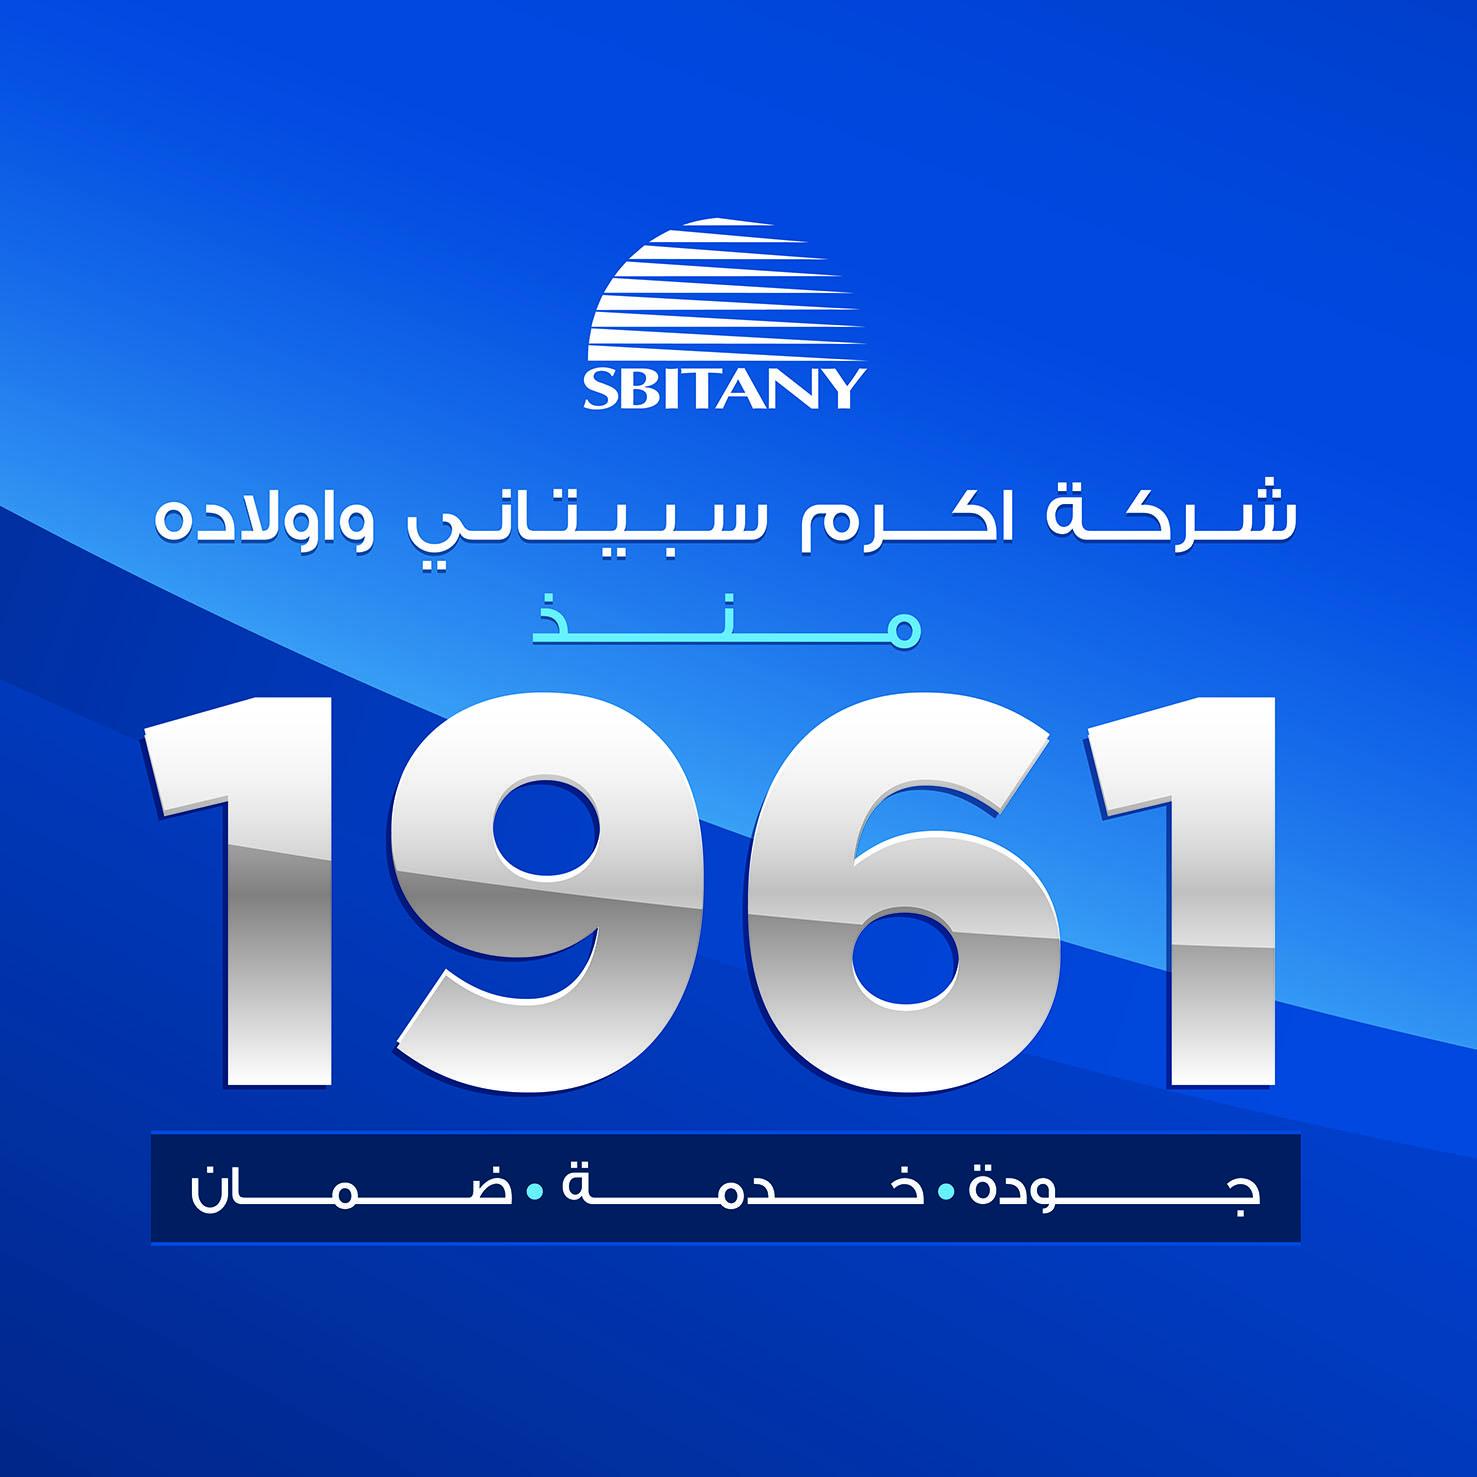 ستون عاما في خدمة السوق الفلسطيني شركة سبيتاني ما بين الماضي والحاضر والمستقبل